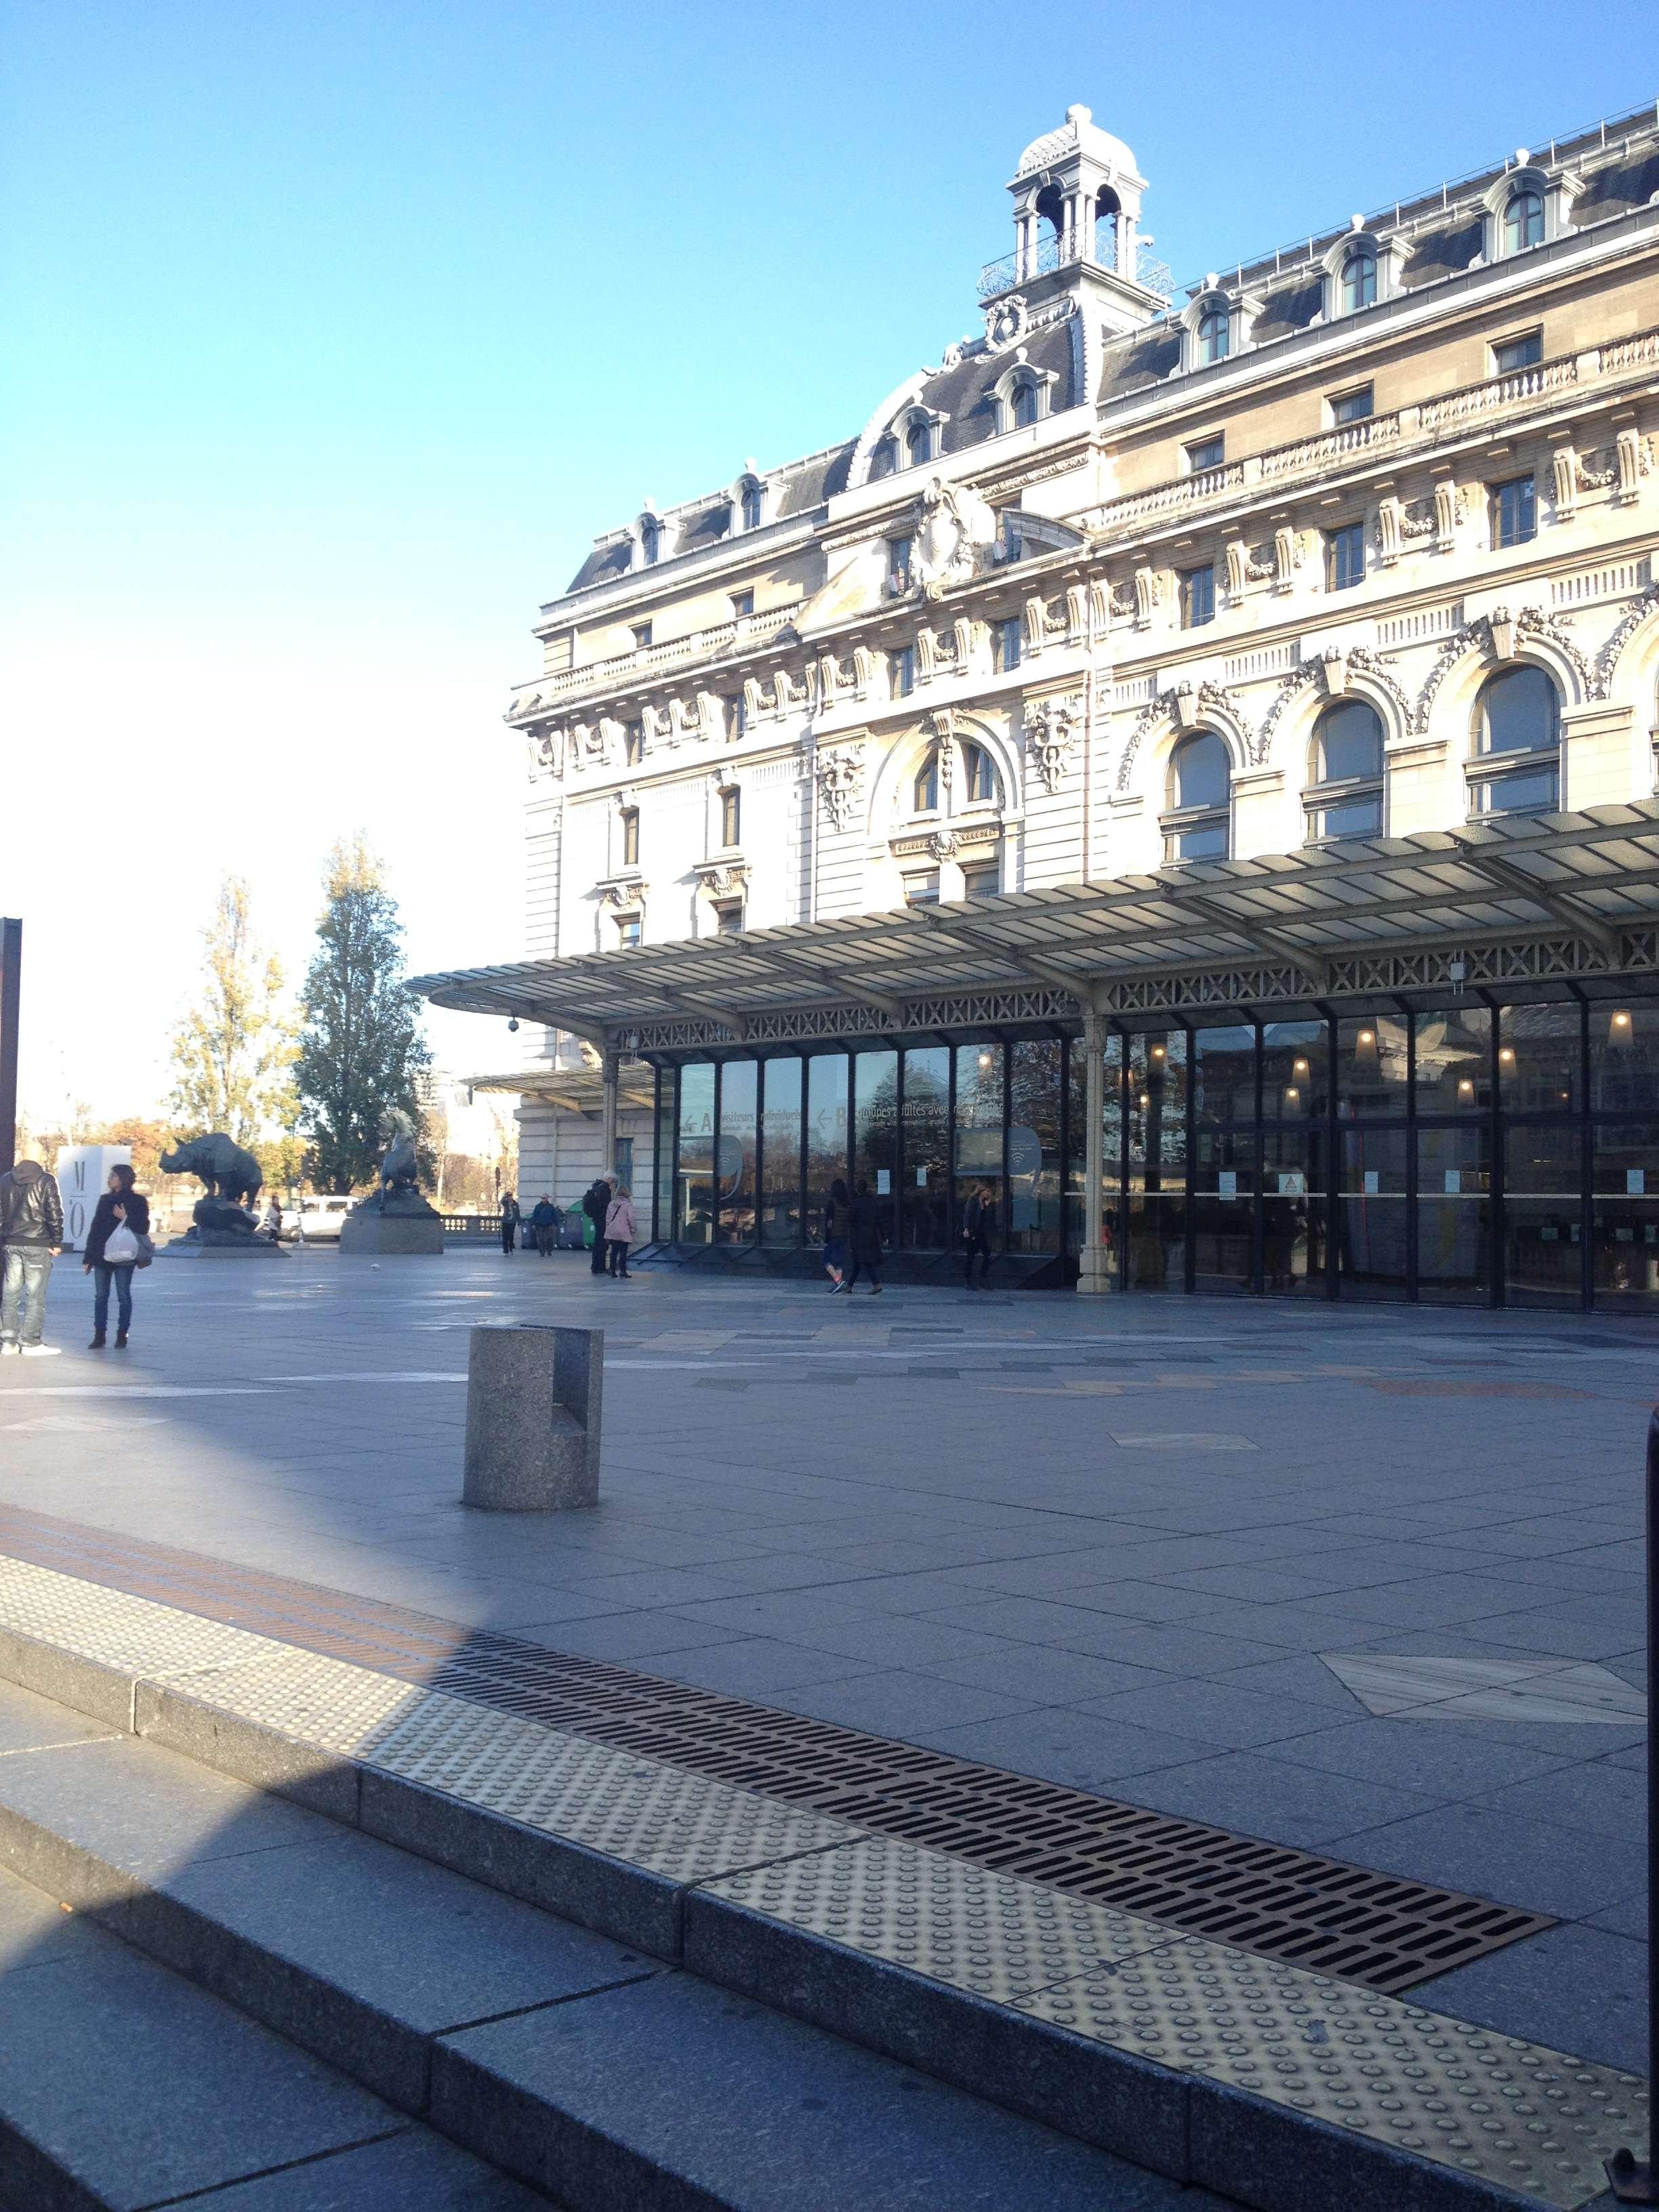 La mMusée d'Orsay nu a venit chiar nimeni!